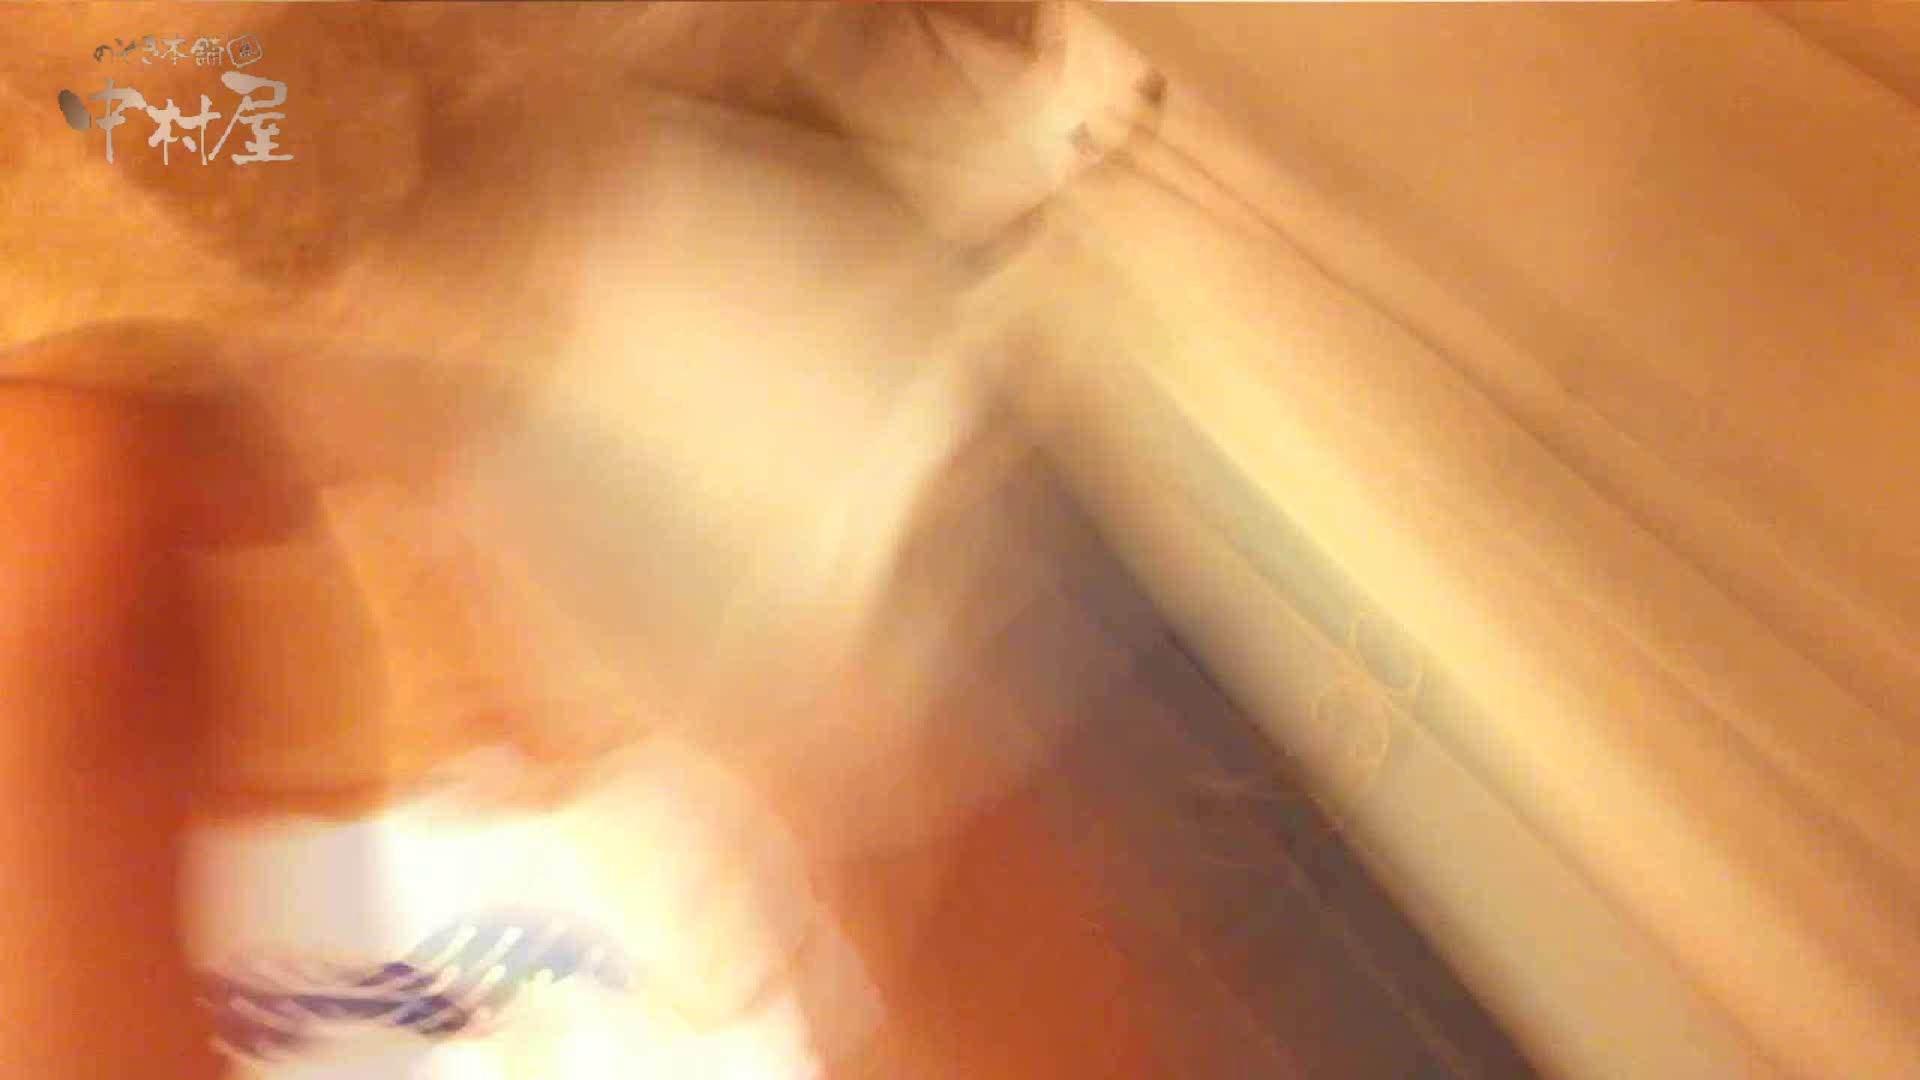 vol.69 美人アパレル胸チラ&パンチラ ストライプパンツみっけ! 胸チラ AV動画キャプチャ 76枚